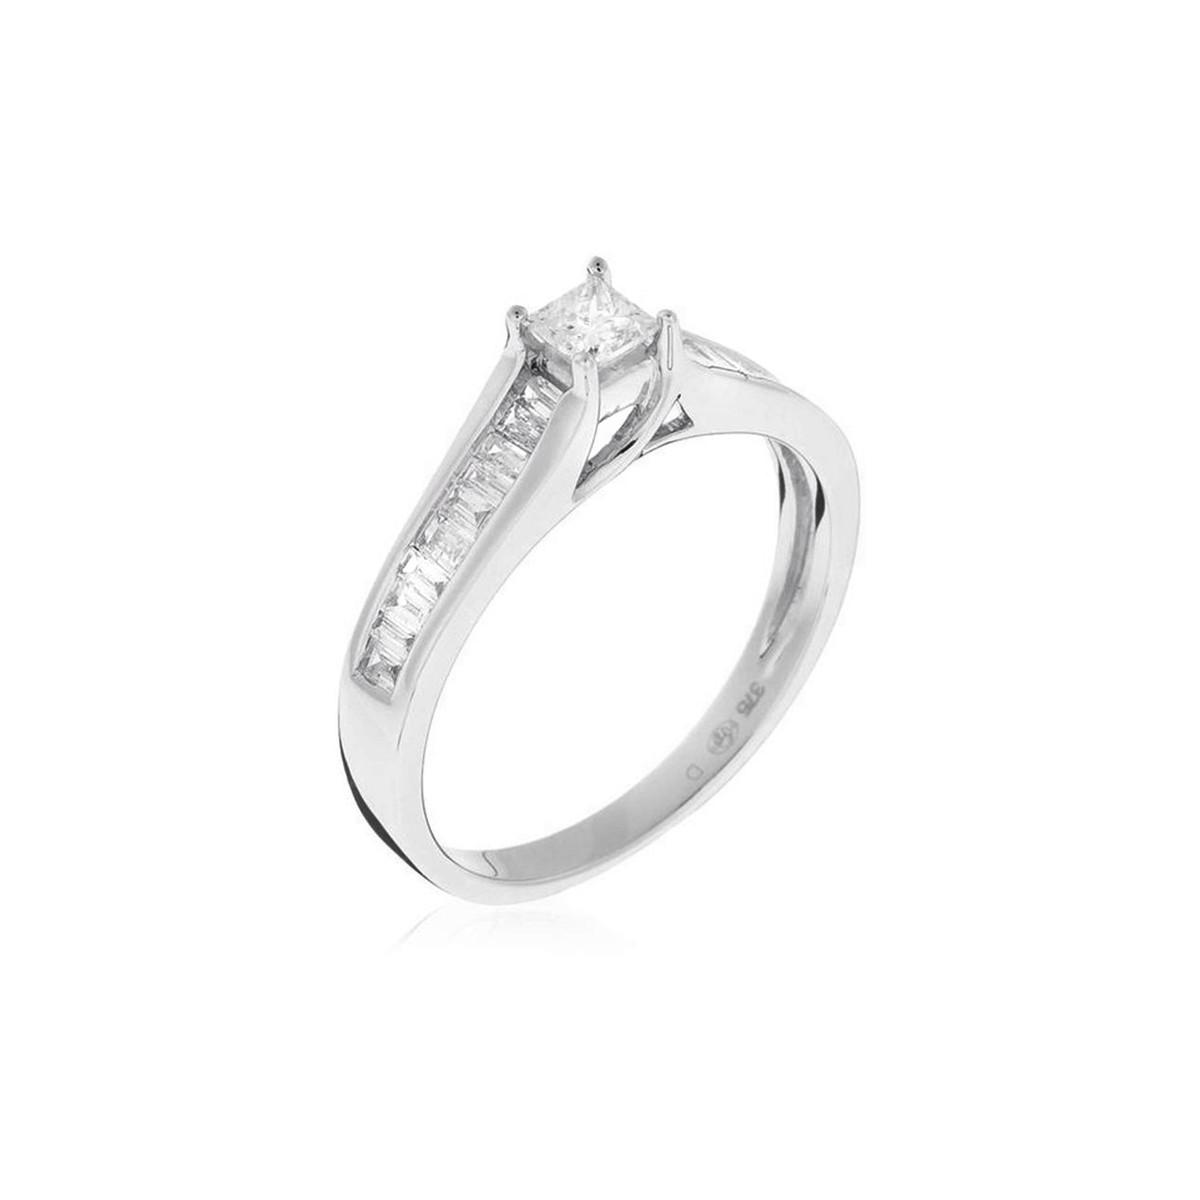 """Bague """"Solitaire Elegant"""" Diamants Or blanc et Diamants"""